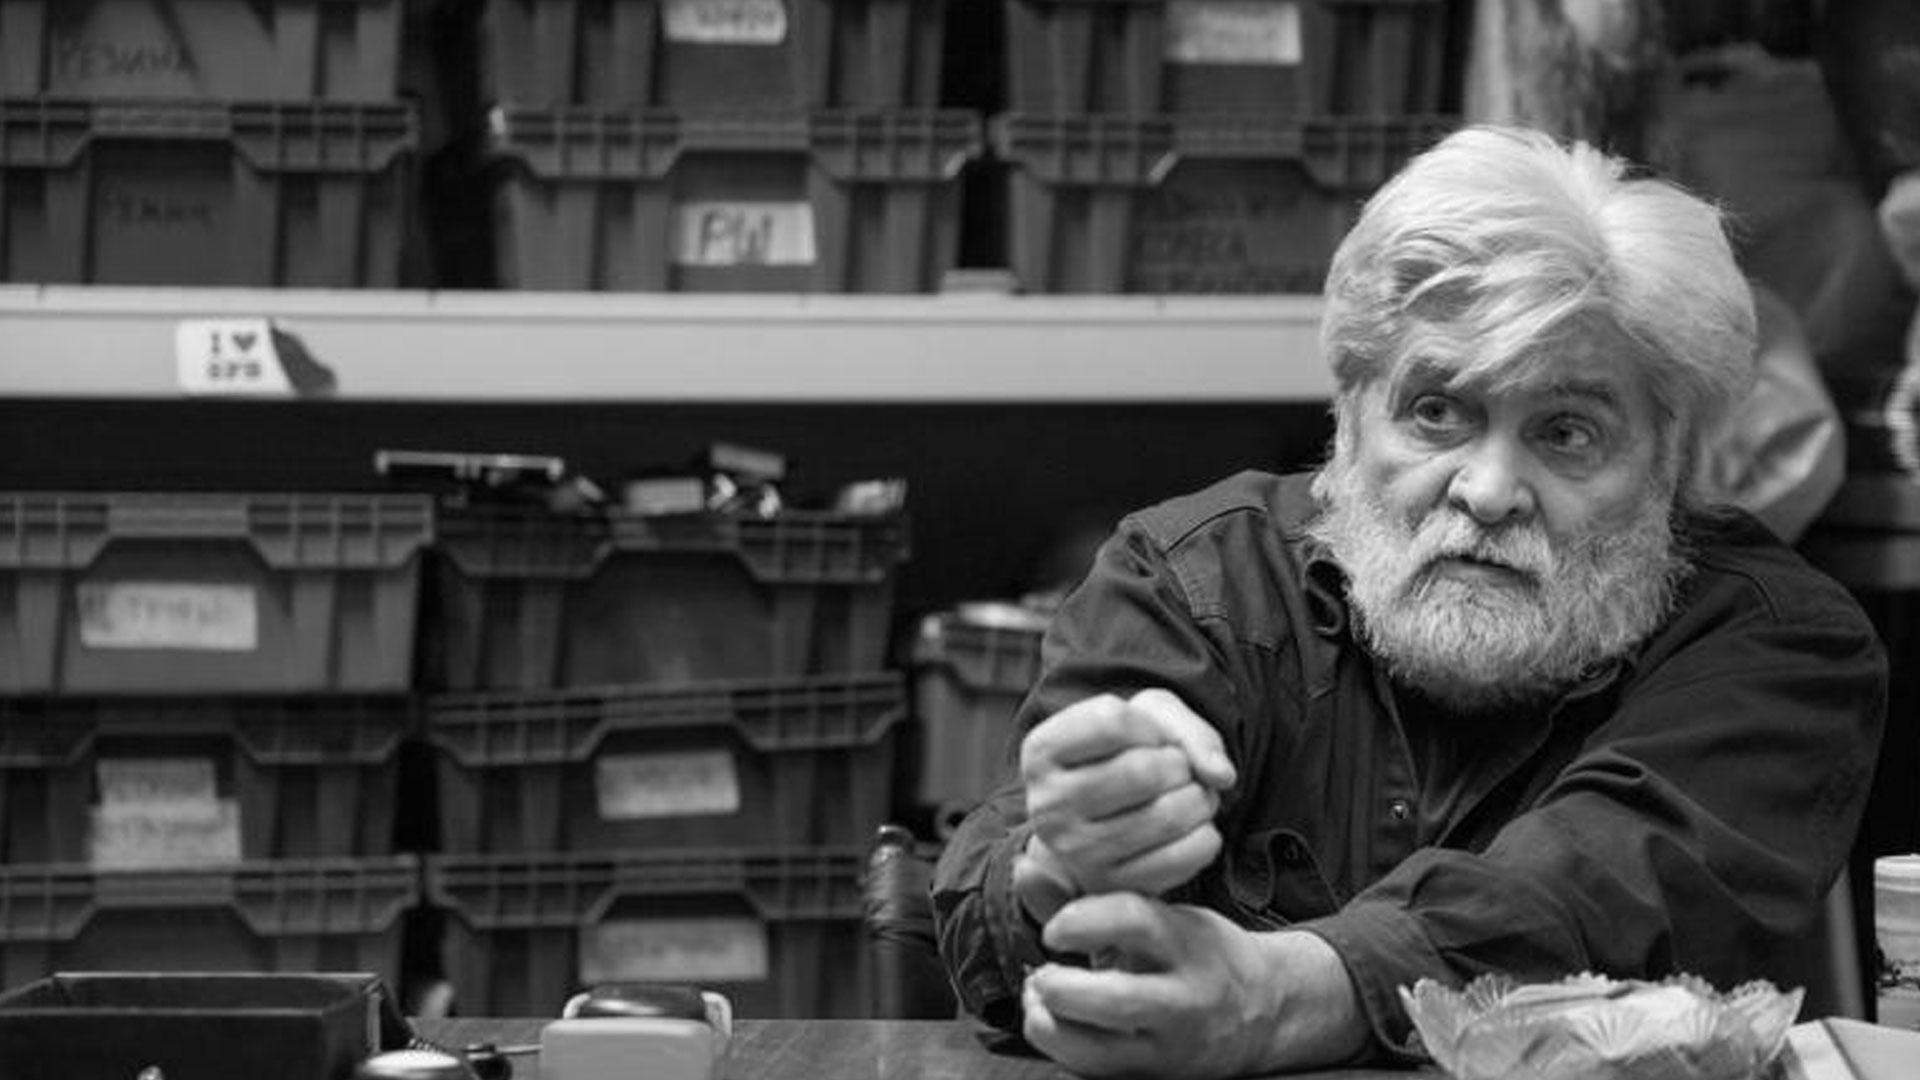 <p>Кинооператор Анатолий Лапшов. Фото © Ленфильм</p>